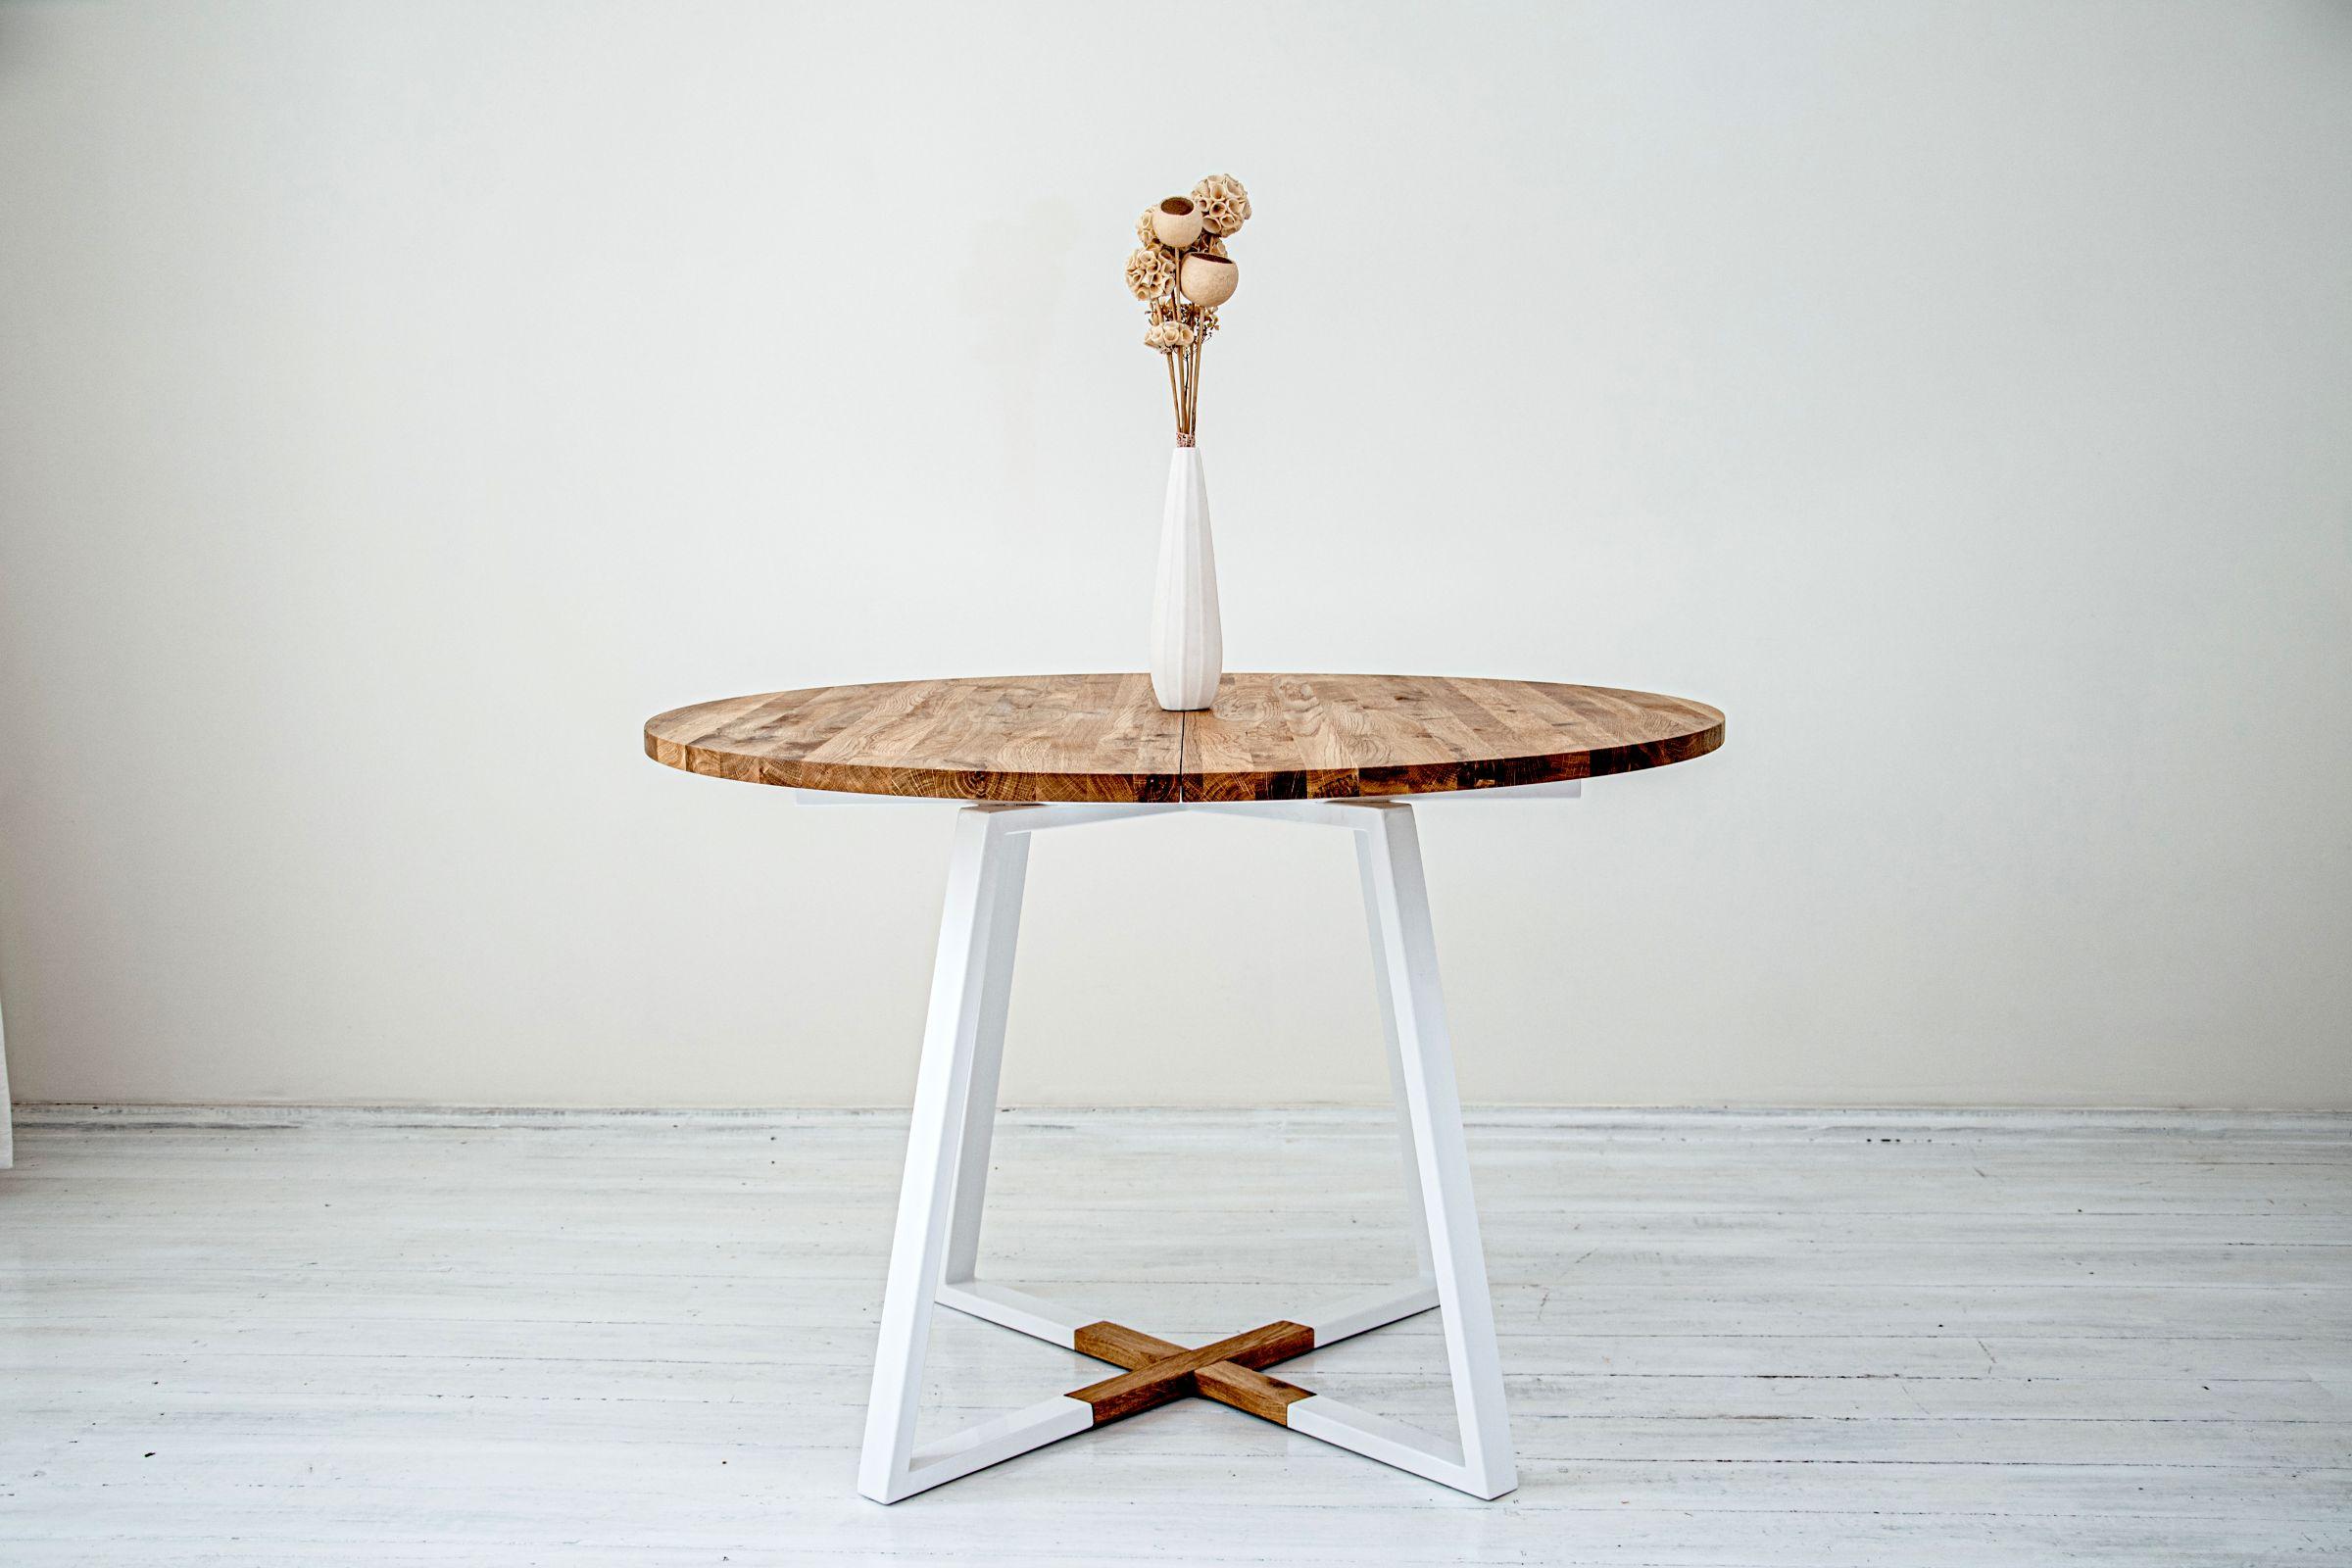 1_Måne White Round Table